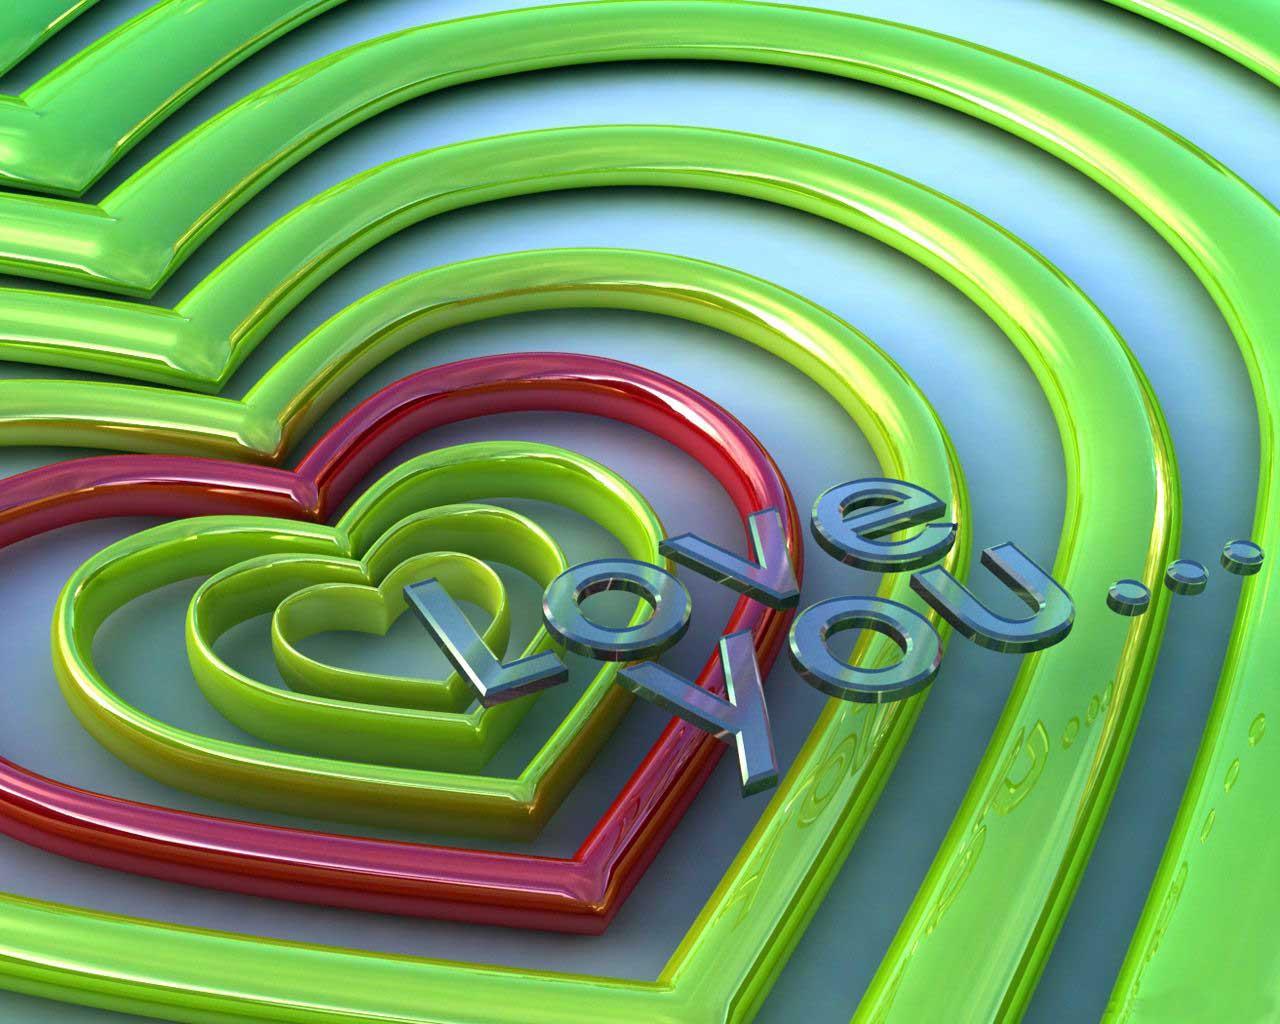 3d wallpaper love - photo #14